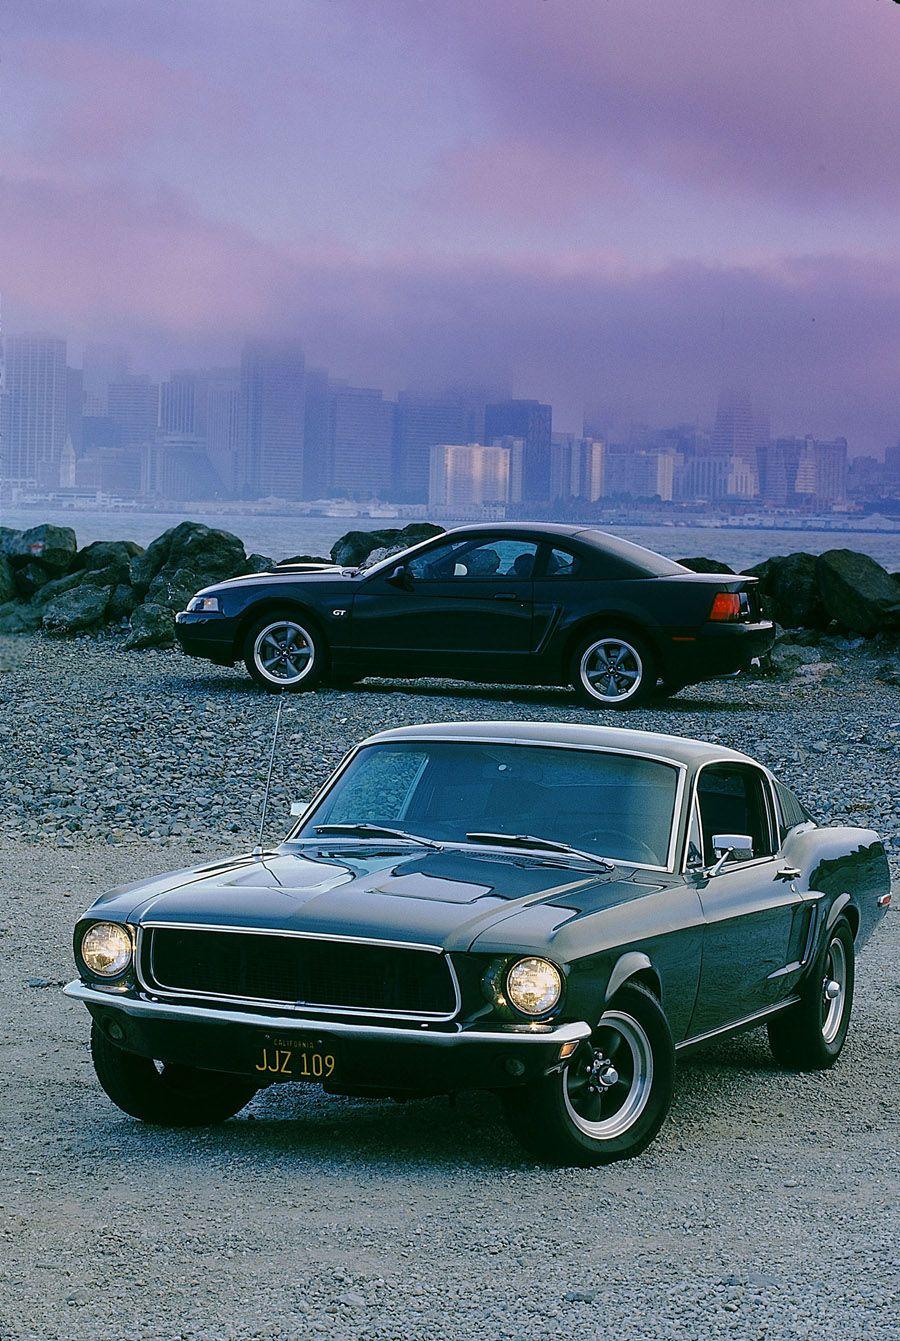 1968 ford mustang fastback gt390 bullitt muscle cars pinterest mustang bullitt. Black Bedroom Furniture Sets. Home Design Ideas